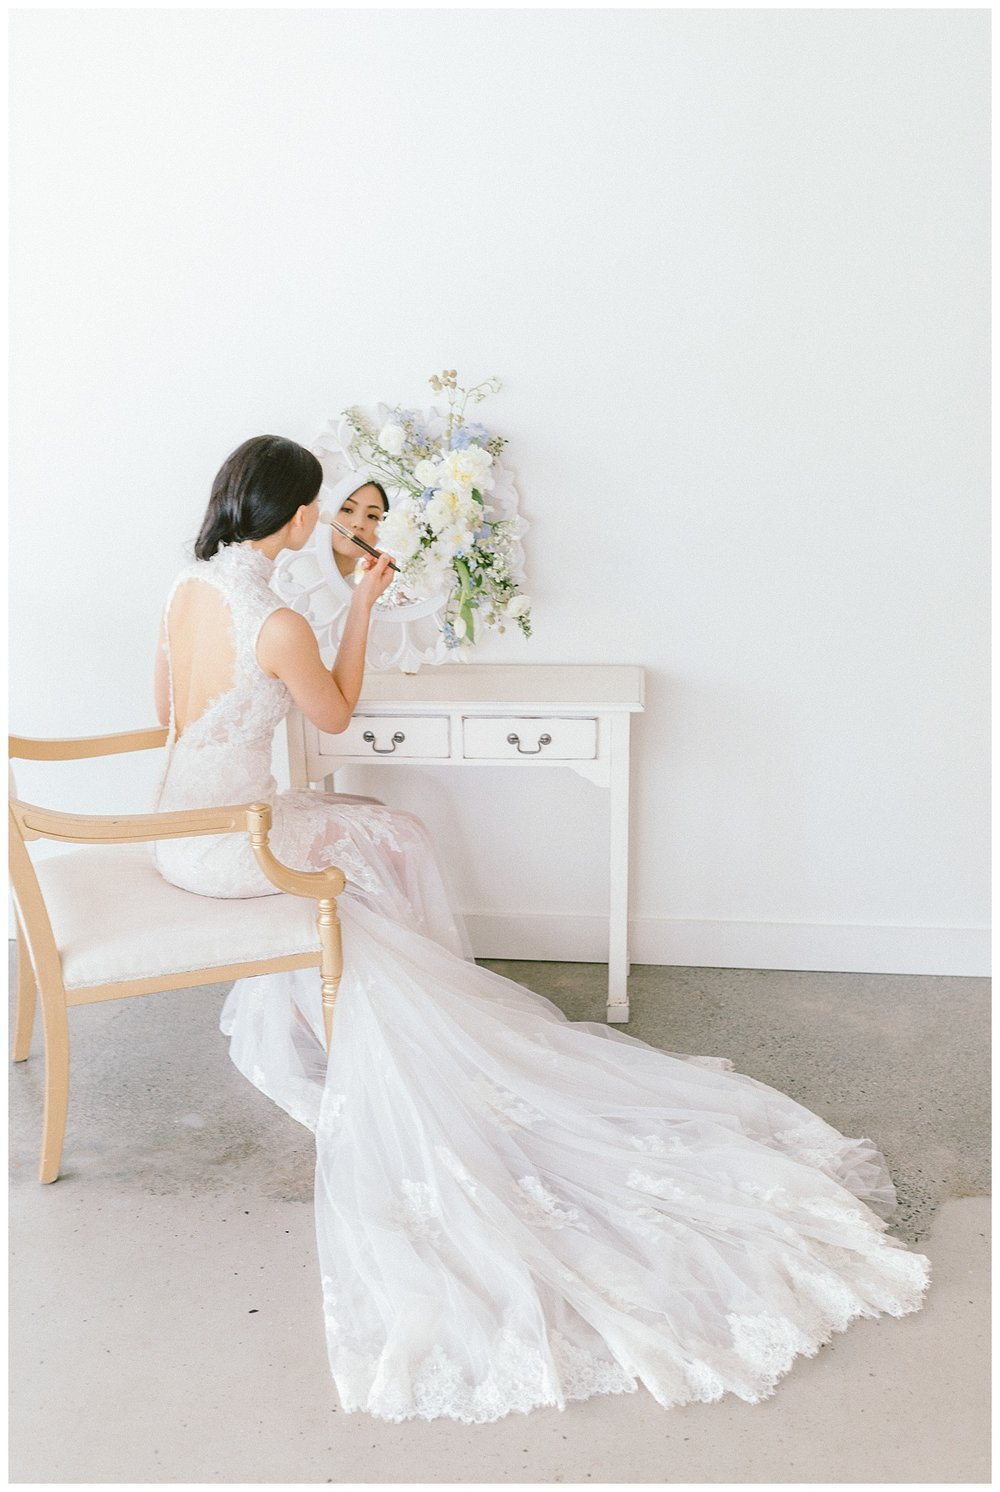 Hong Kong Fine Art Wedding Prewedding Photographer 00002.jpg